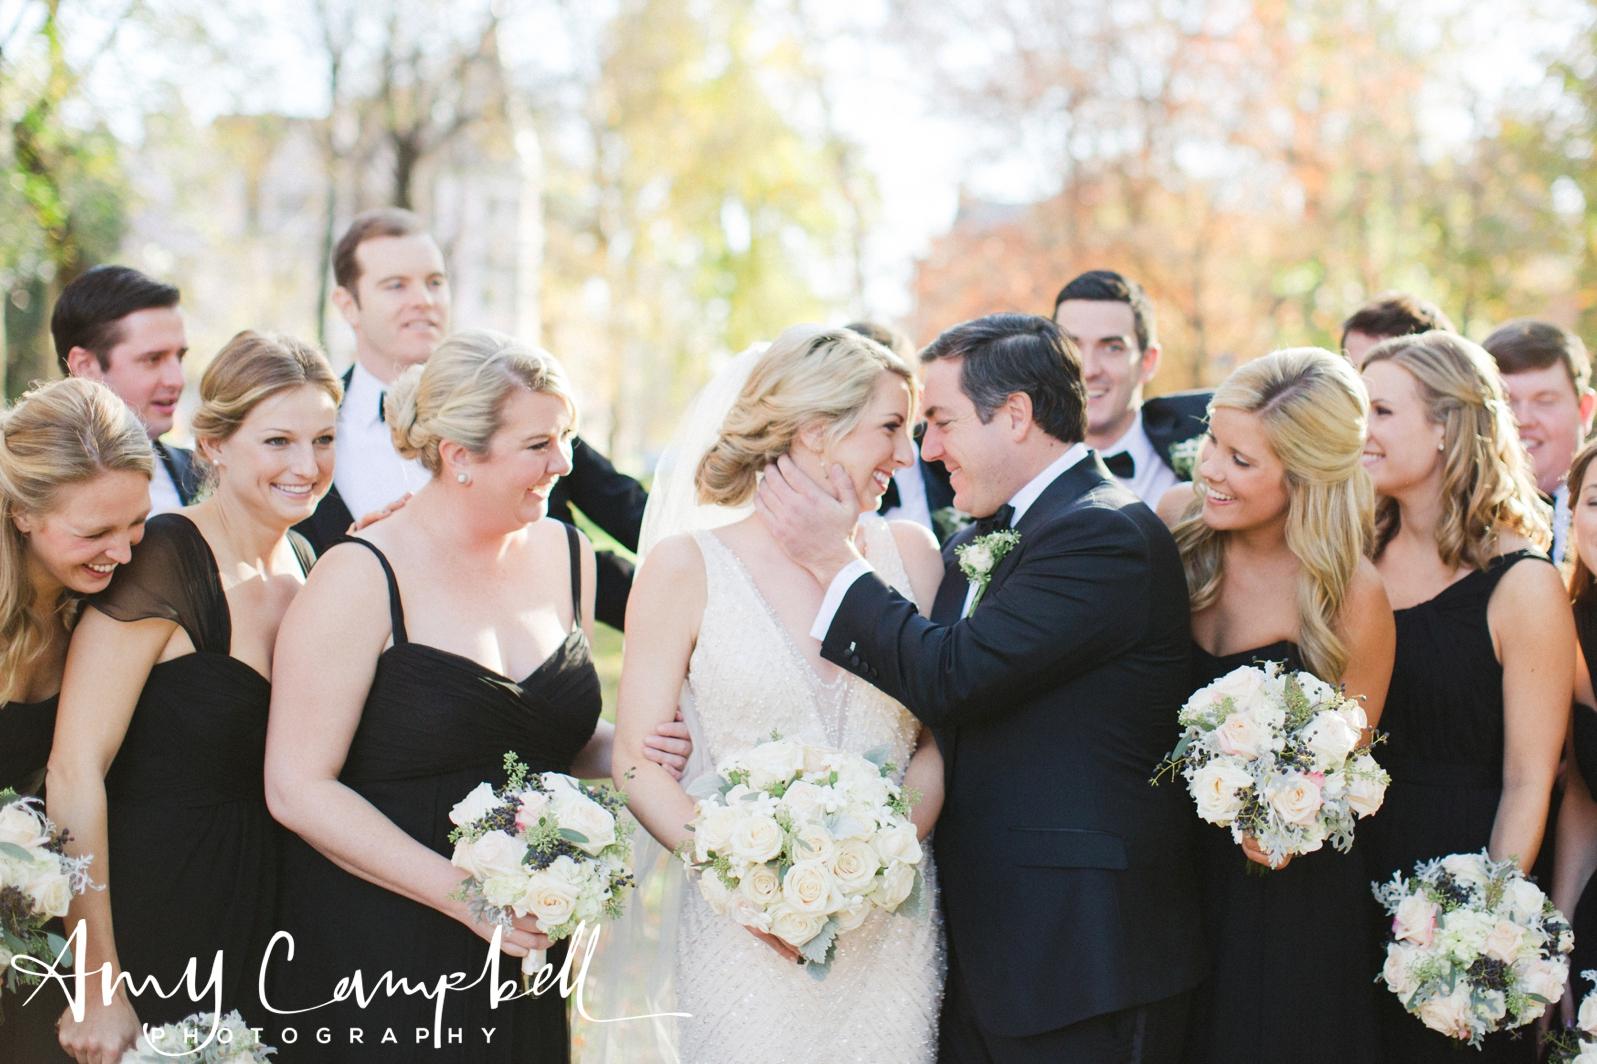 emmakyle_wedding_fb_amycampbellphotography_0026.jpg